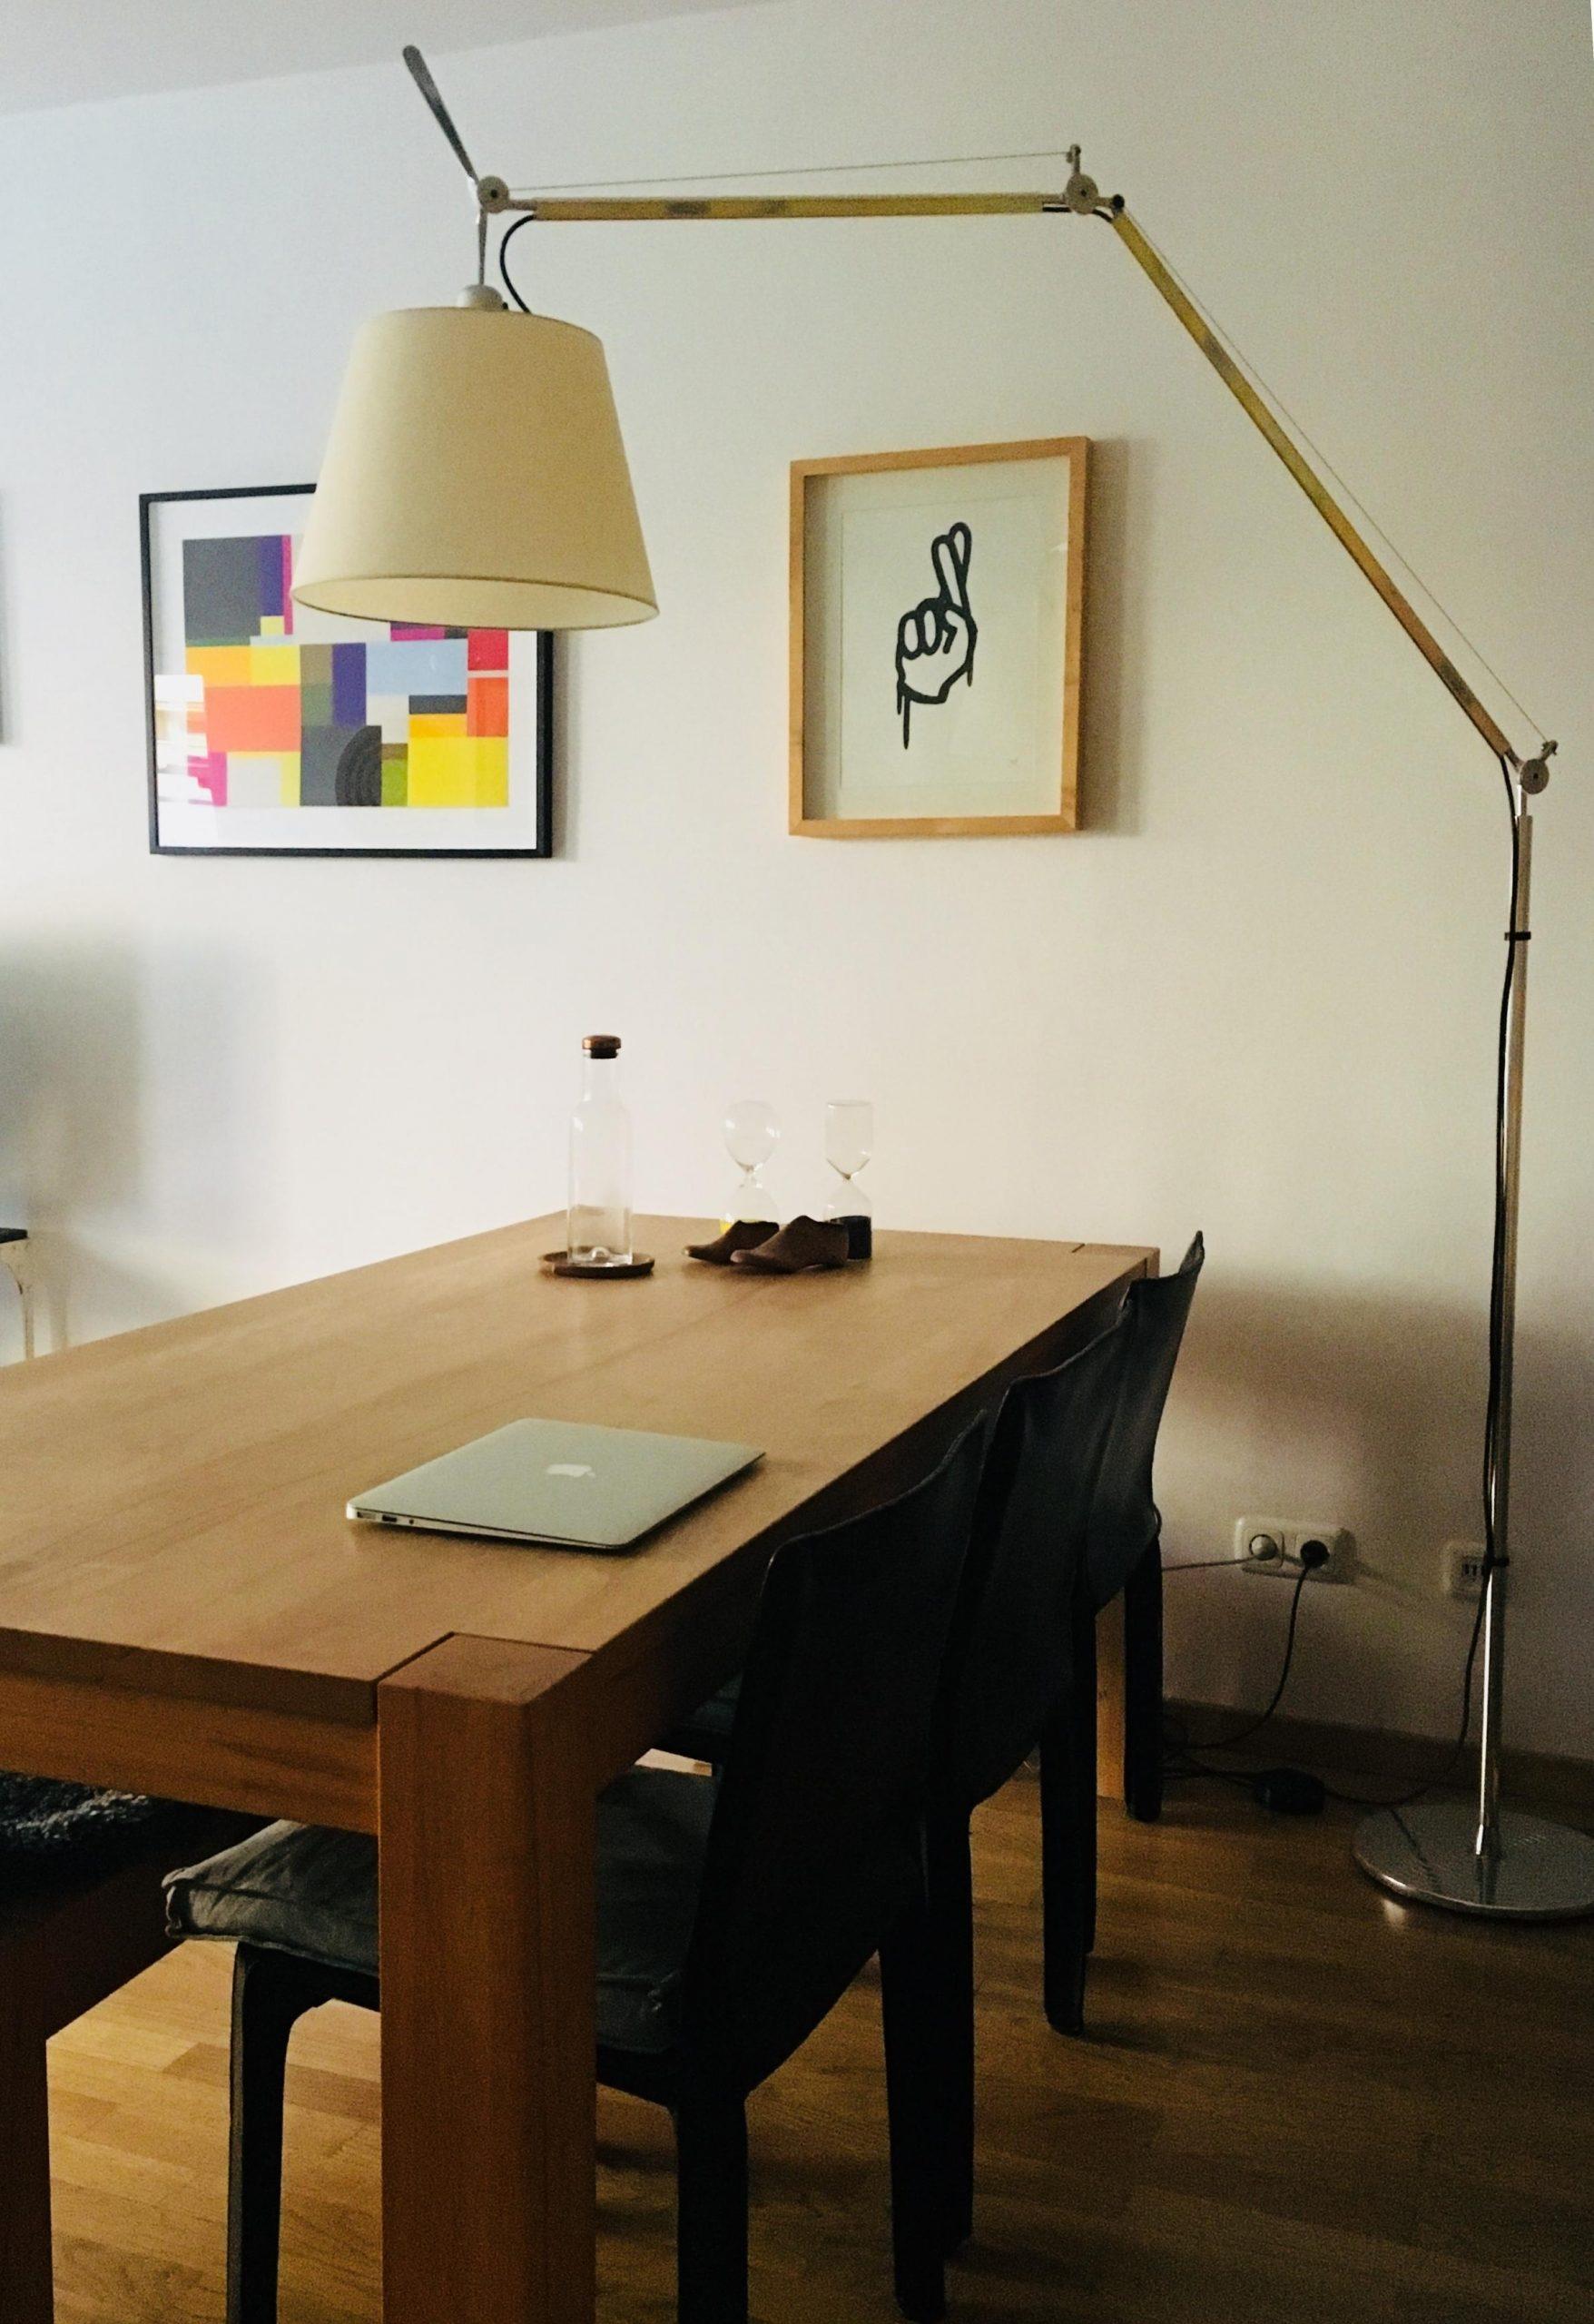 Full Size of Wohnzimmer Indirekte Beleuchtung Ideen Planen Led Spots Decke Tipps Mit Wieviel Lumen Niedrige Selber Machen Wohnwand Deckenstrahler Wandtattoo Deckenlampen Wohnzimmer Wohnzimmer Beleuchtung